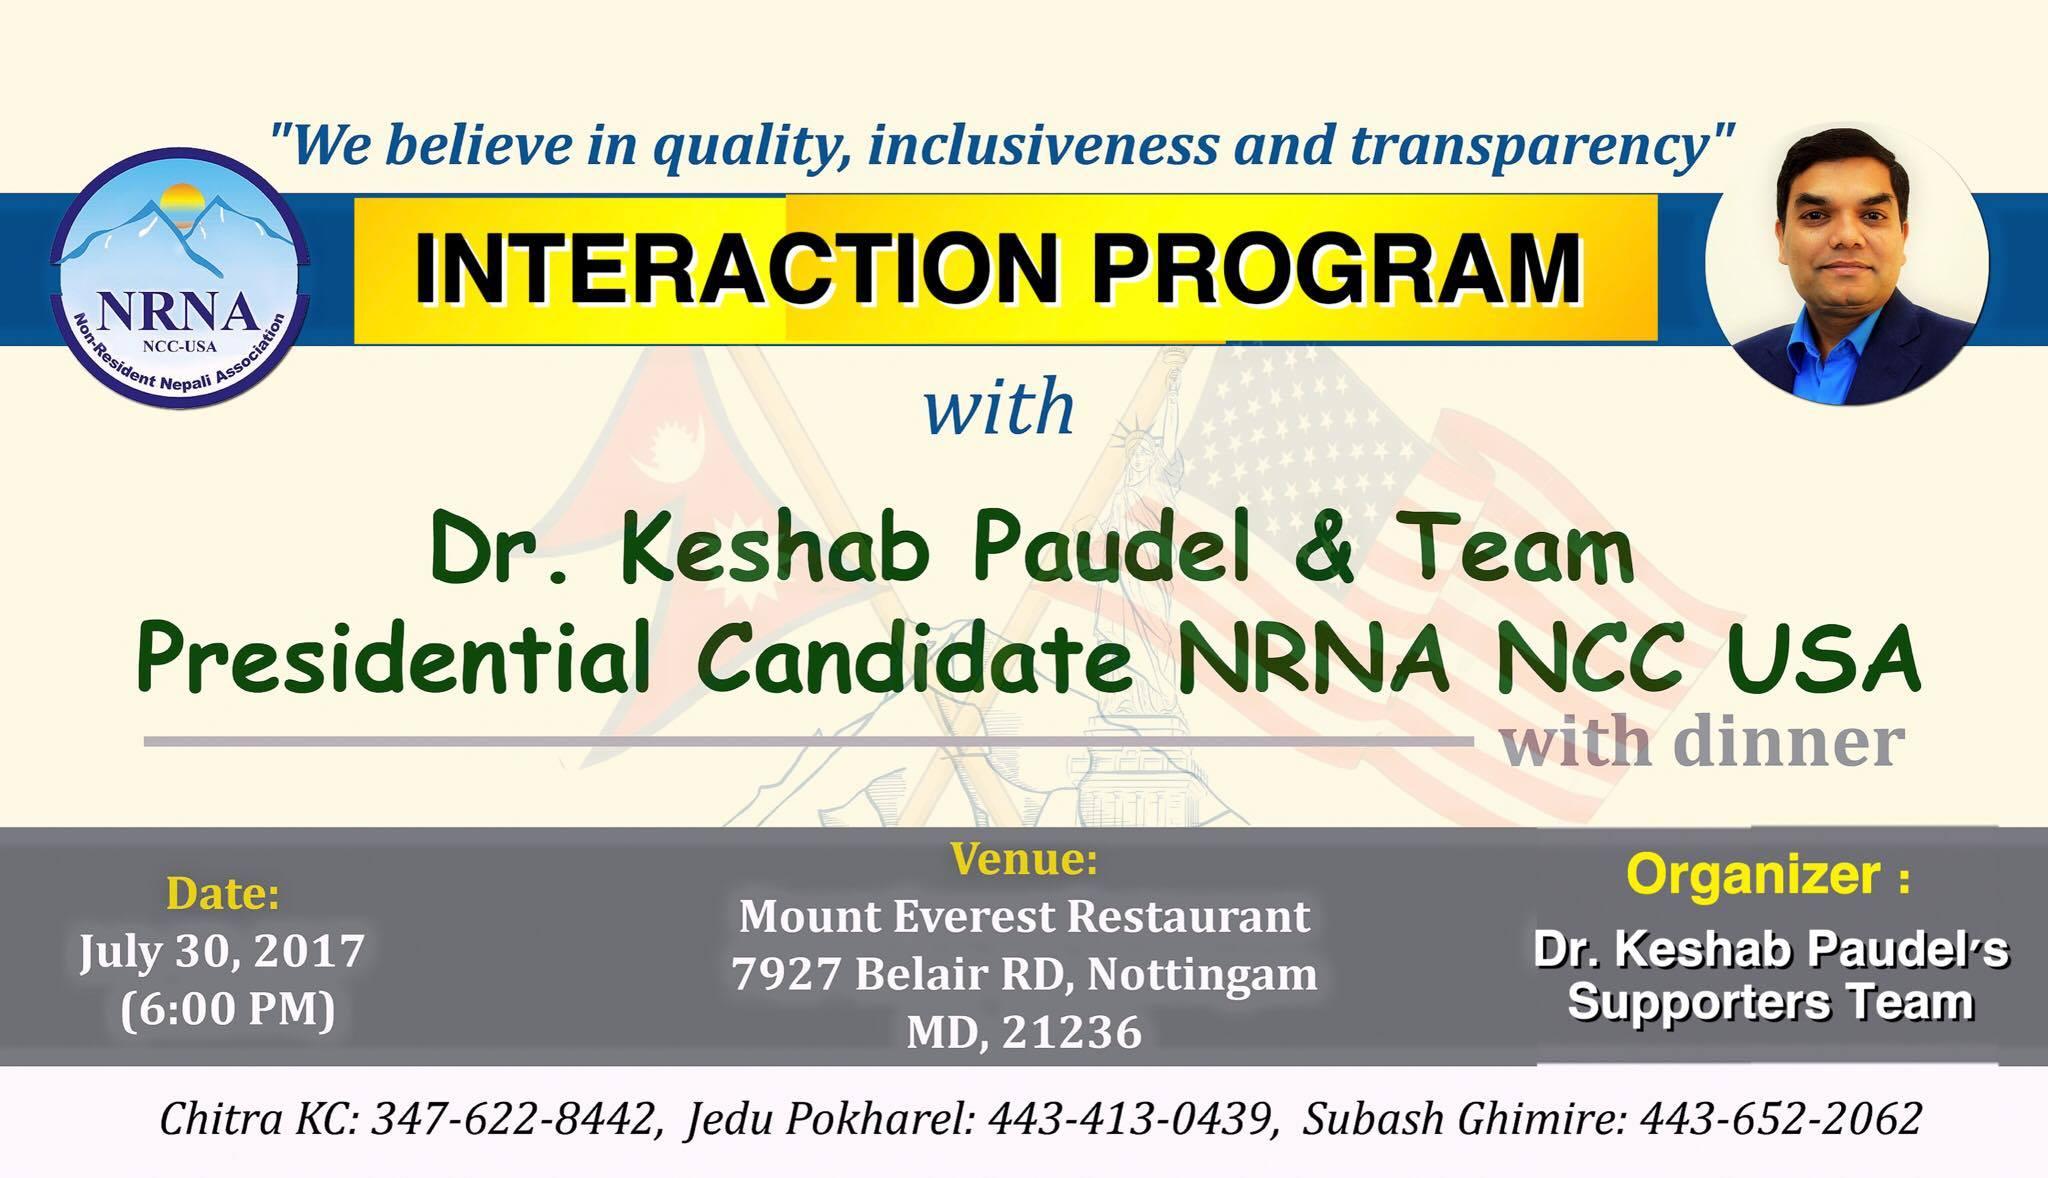 चुनावी अभियानलाई तिव्र पार्दै डा. केशब पौडेल